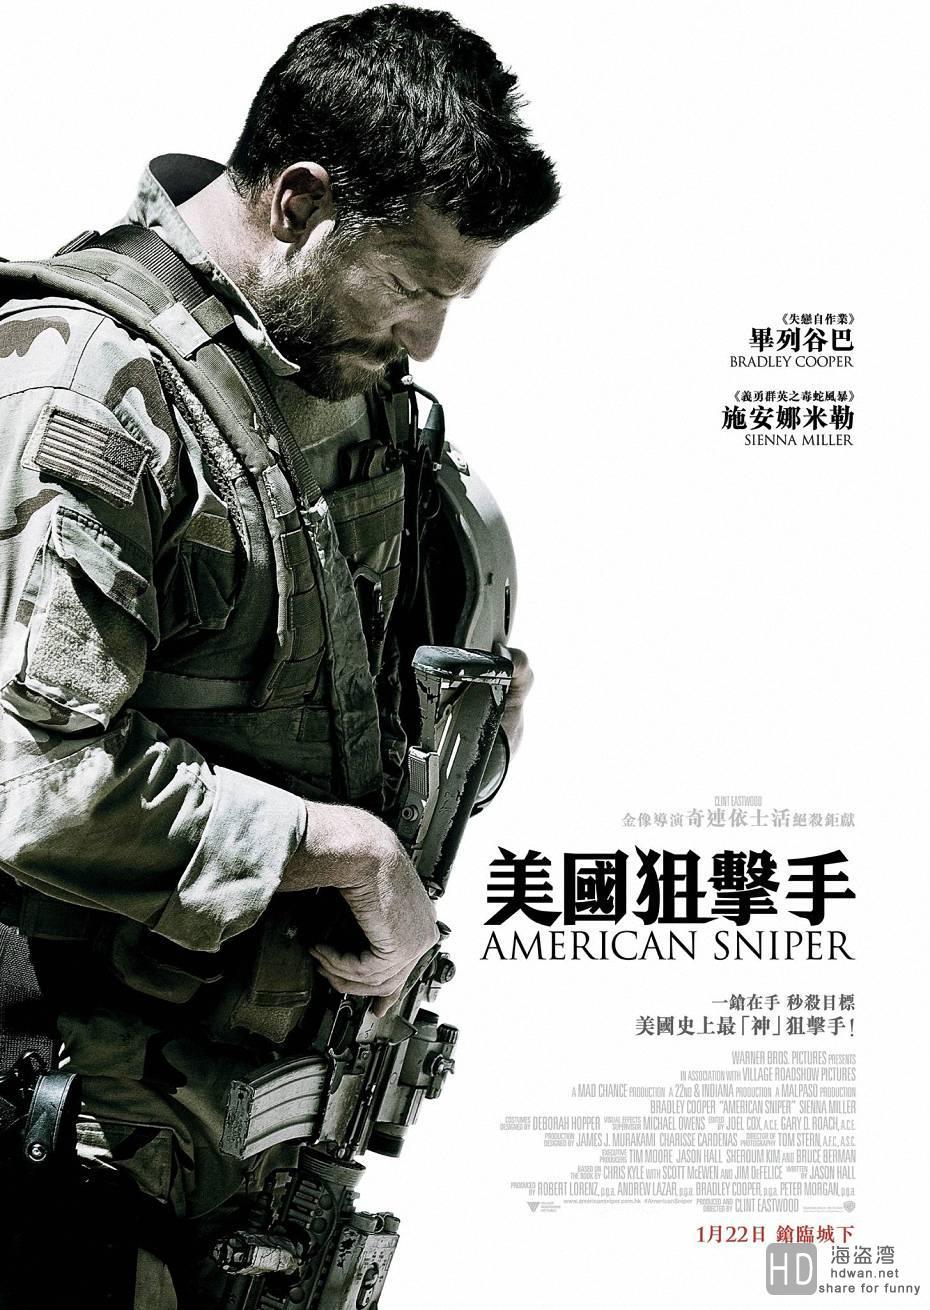 [2014][美国][动作][美国狙击手 American Sniper][MP4高清下载][高清1080P更新]